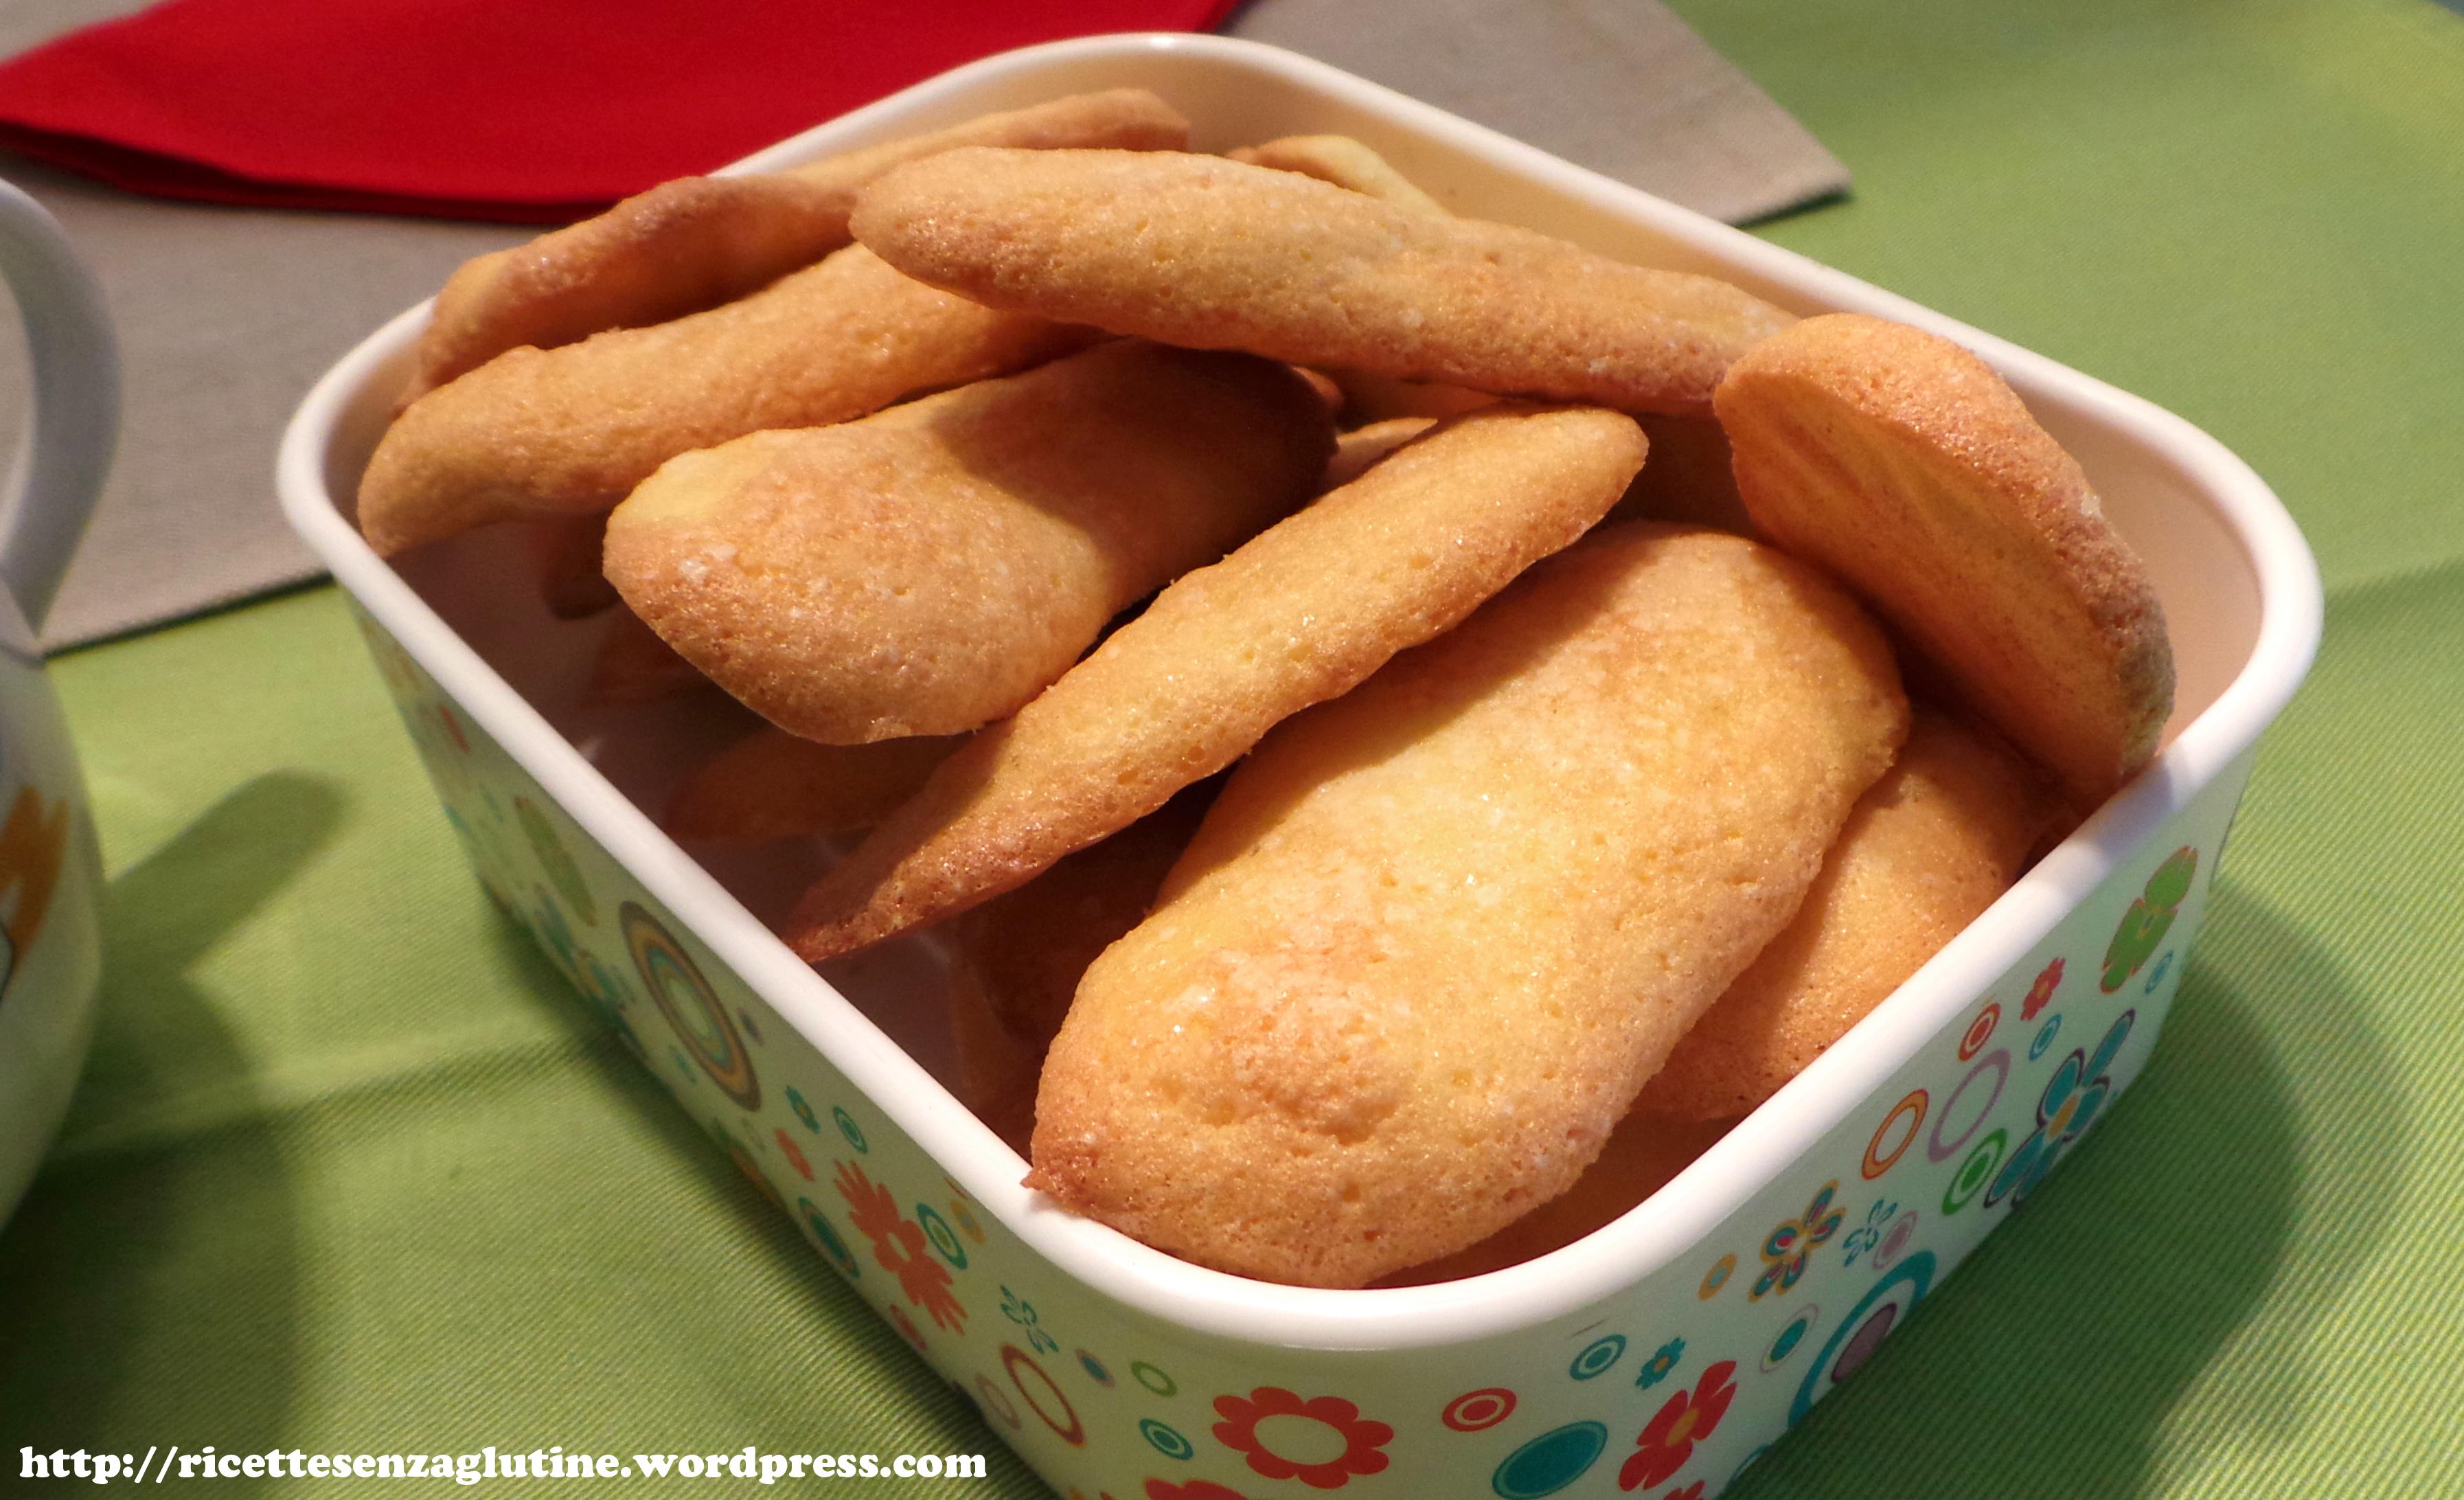 Biscotti Savoiardi Con Farina Di Riso Ricette Senza Glutine